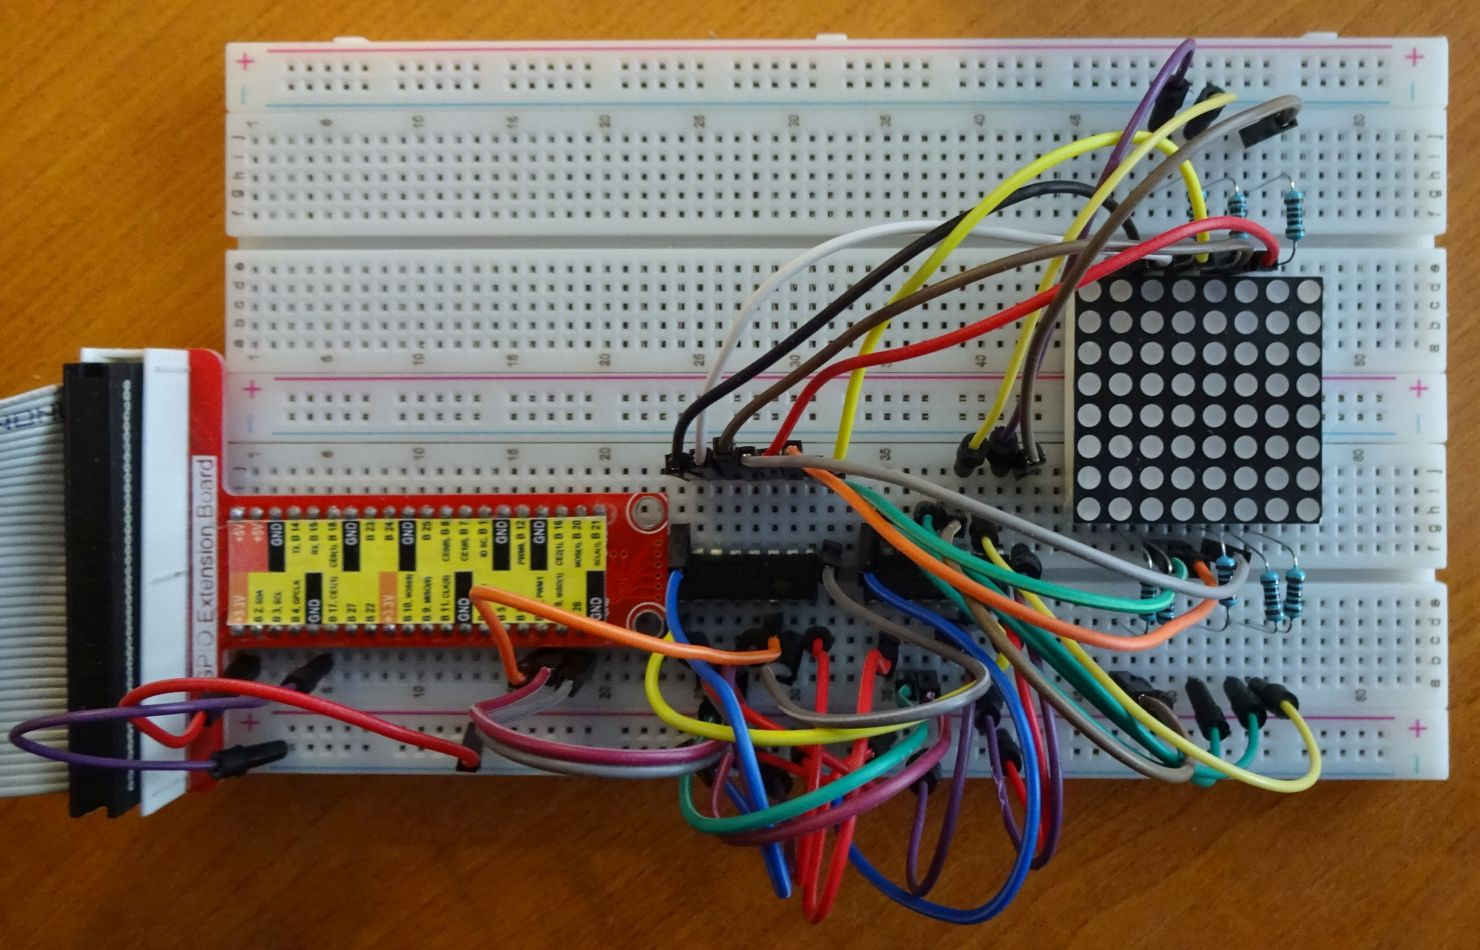 Sensational Arduino 8X8 Led Matrix Schaltung Vom Breadboard Auf Ein Prototype Wiring 101 Cominwise Assnl